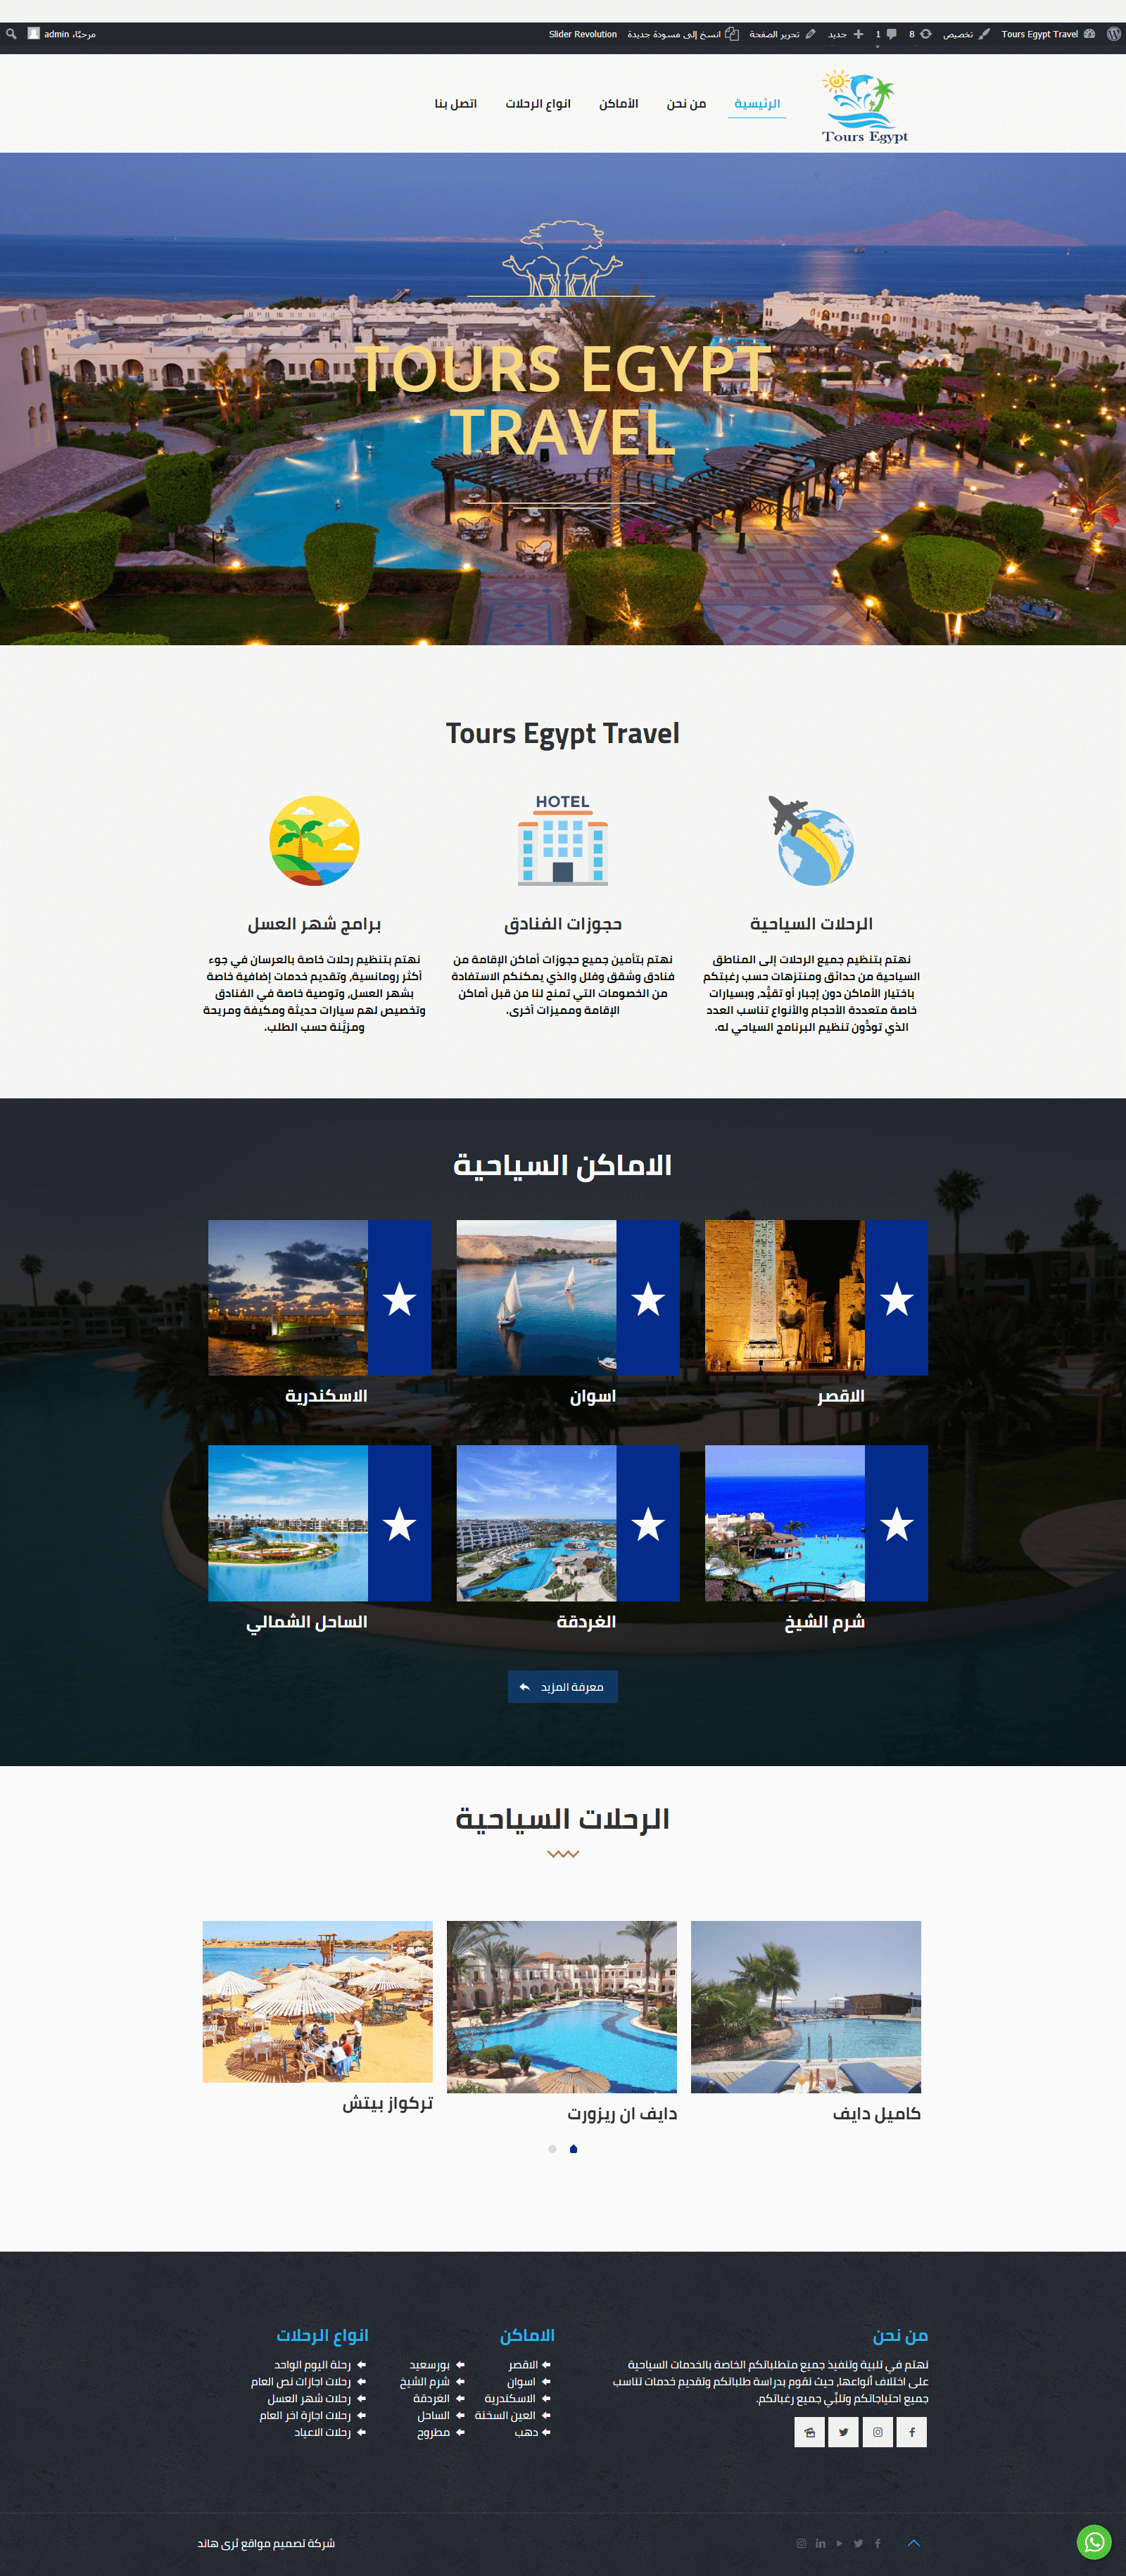 Tours-Egypt-Travel-1-1